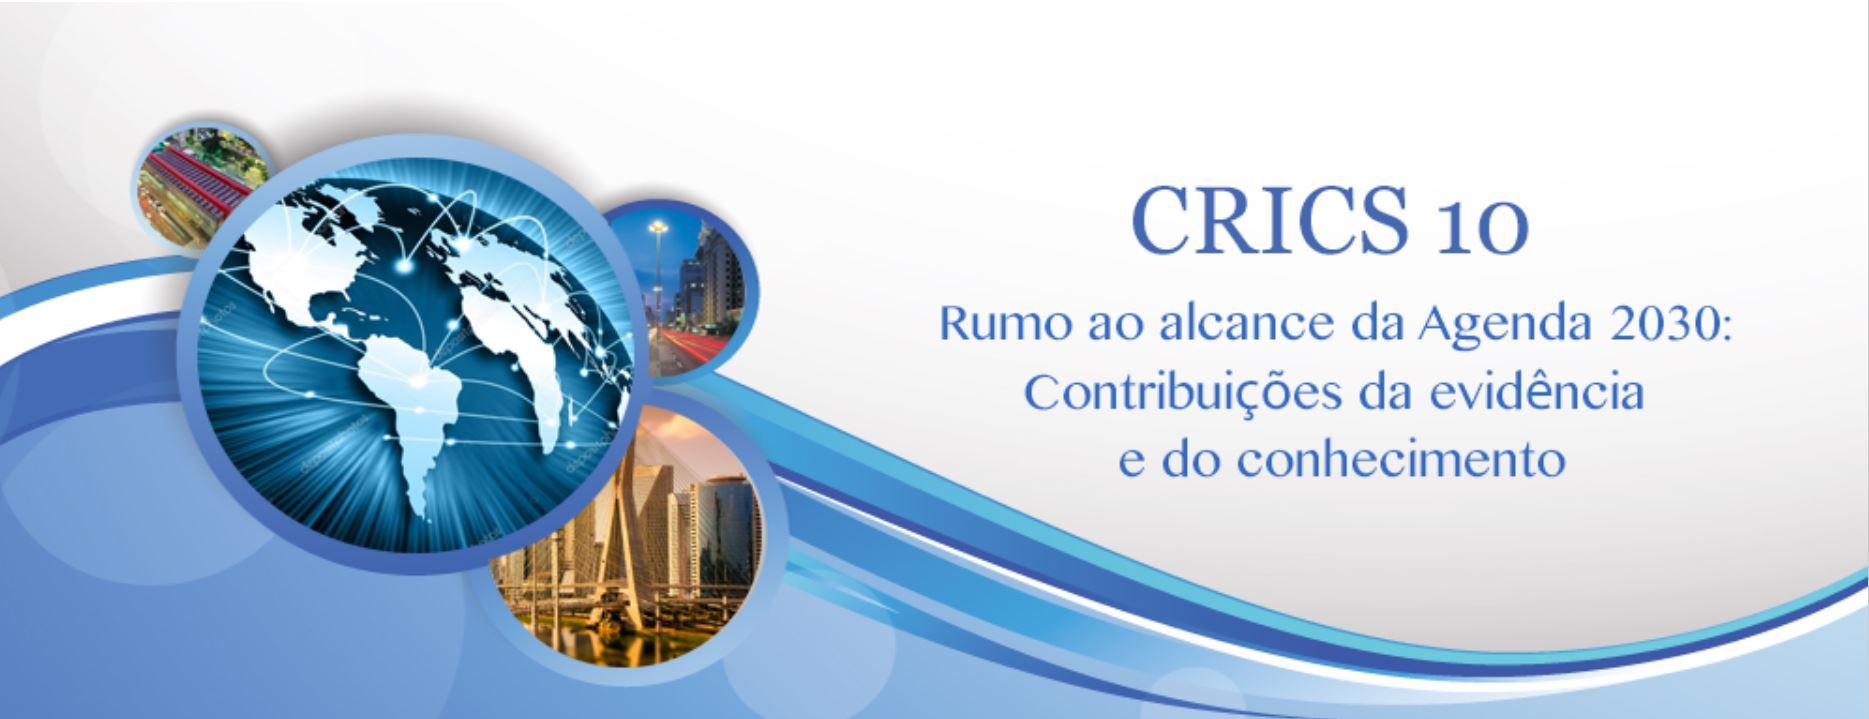 comites-desempenham-papel-chave-na-organizacao-do-crics10